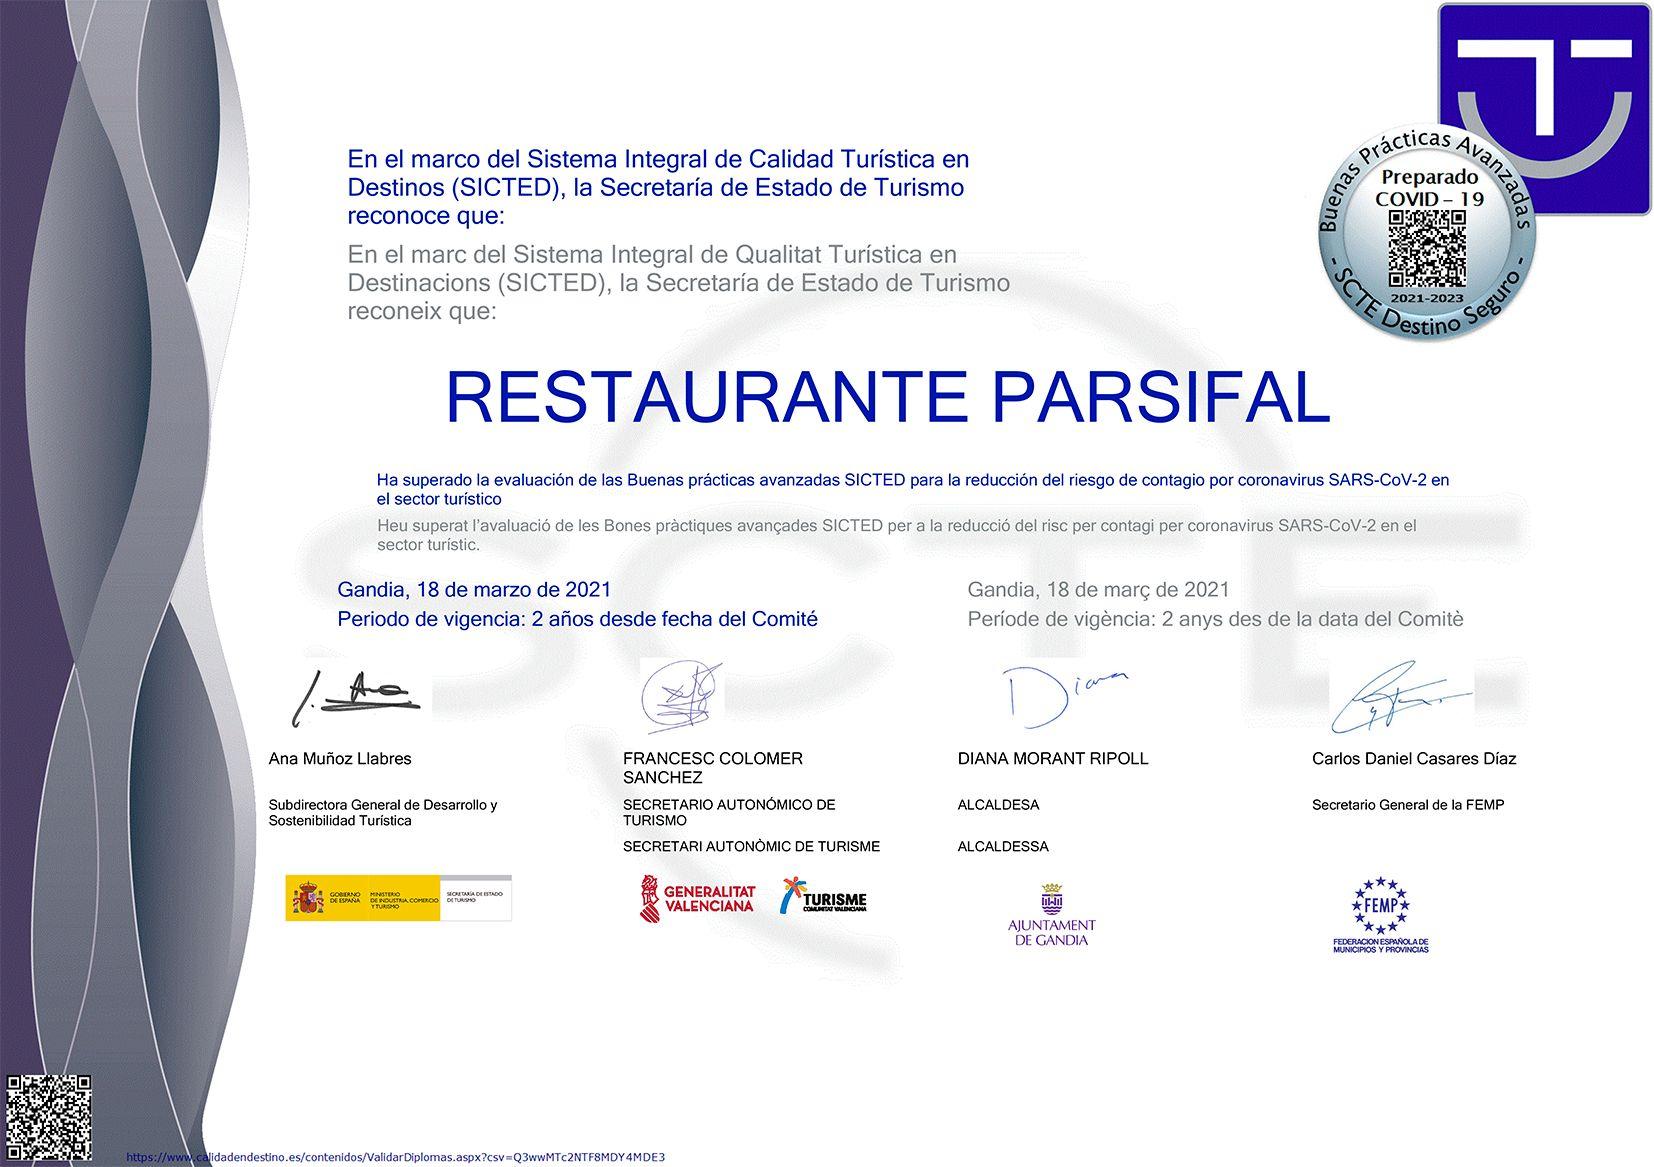 Covid buenas practicas restaurante parsifal